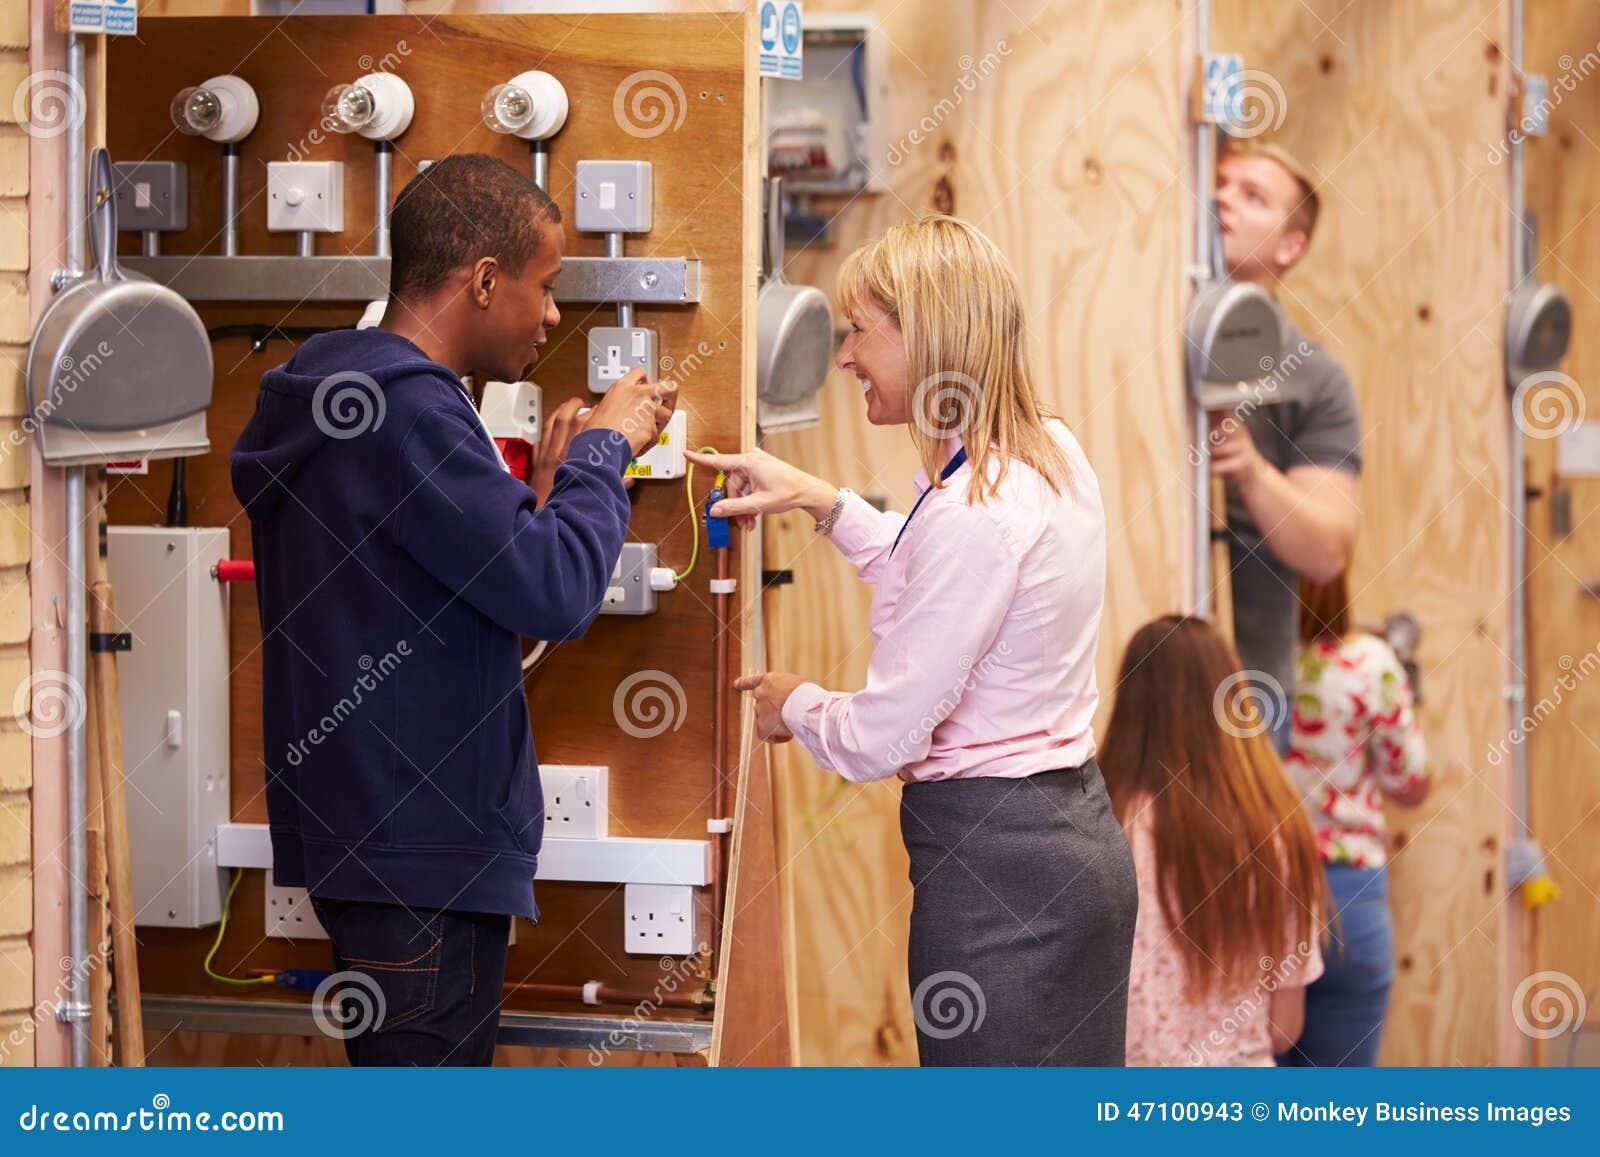 Lärarinna Helping Students Training som är elektriker